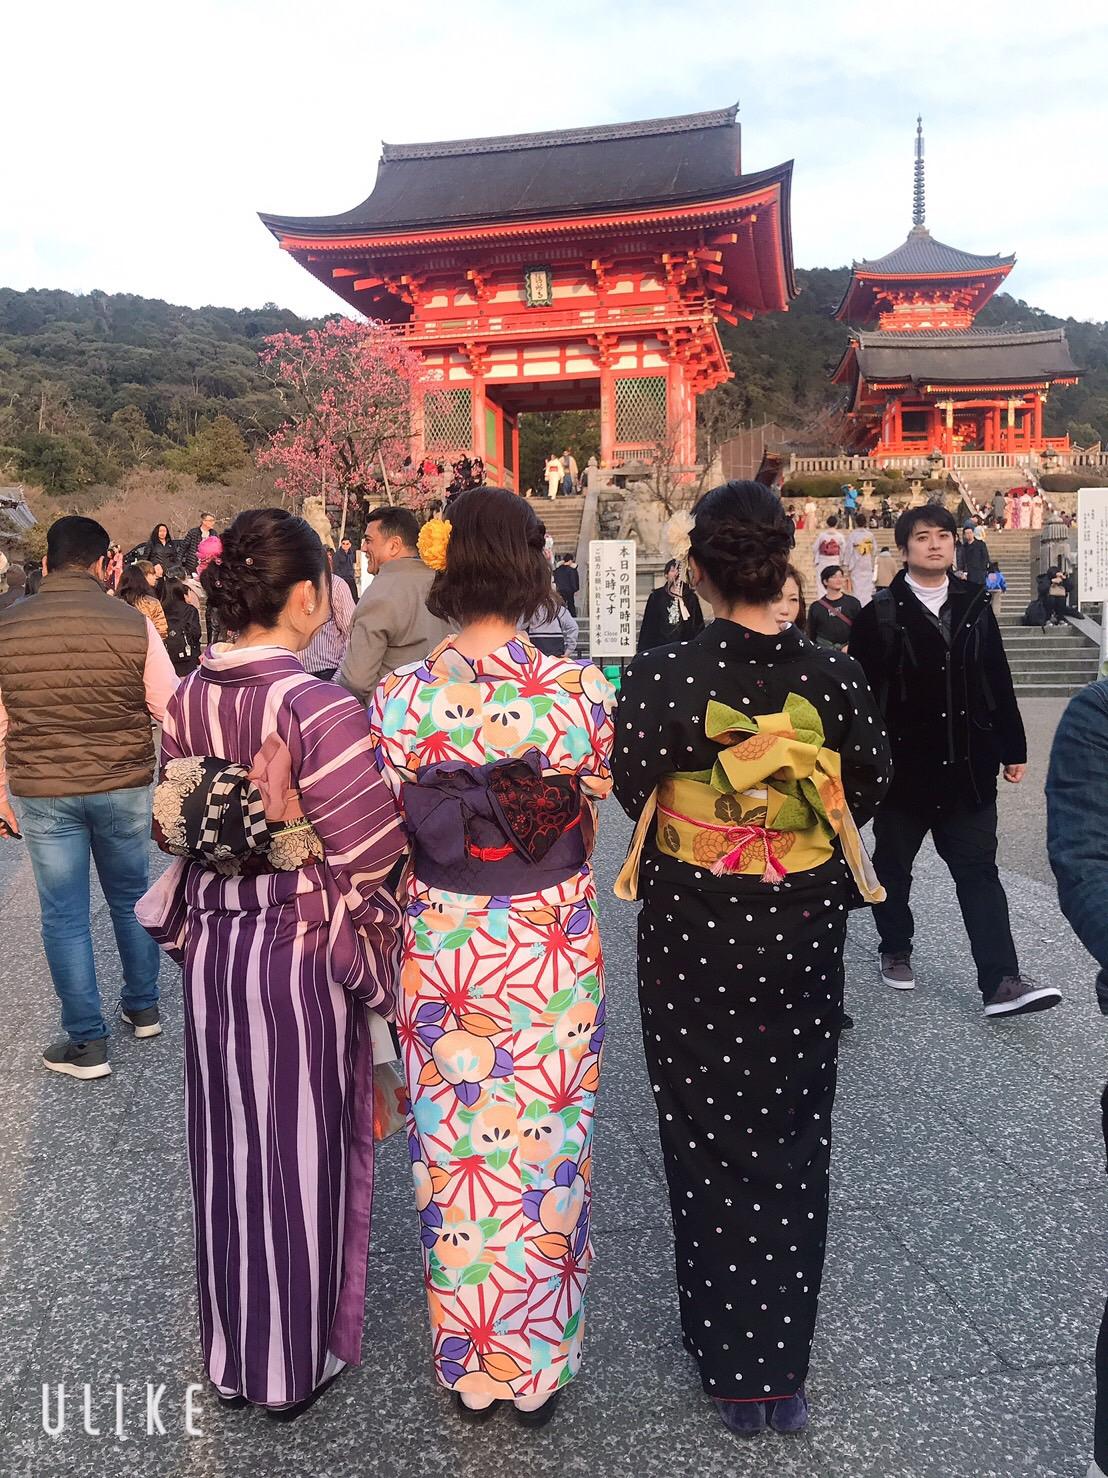 人気スポットの嵐山へ(^^♪2019年3月18日15